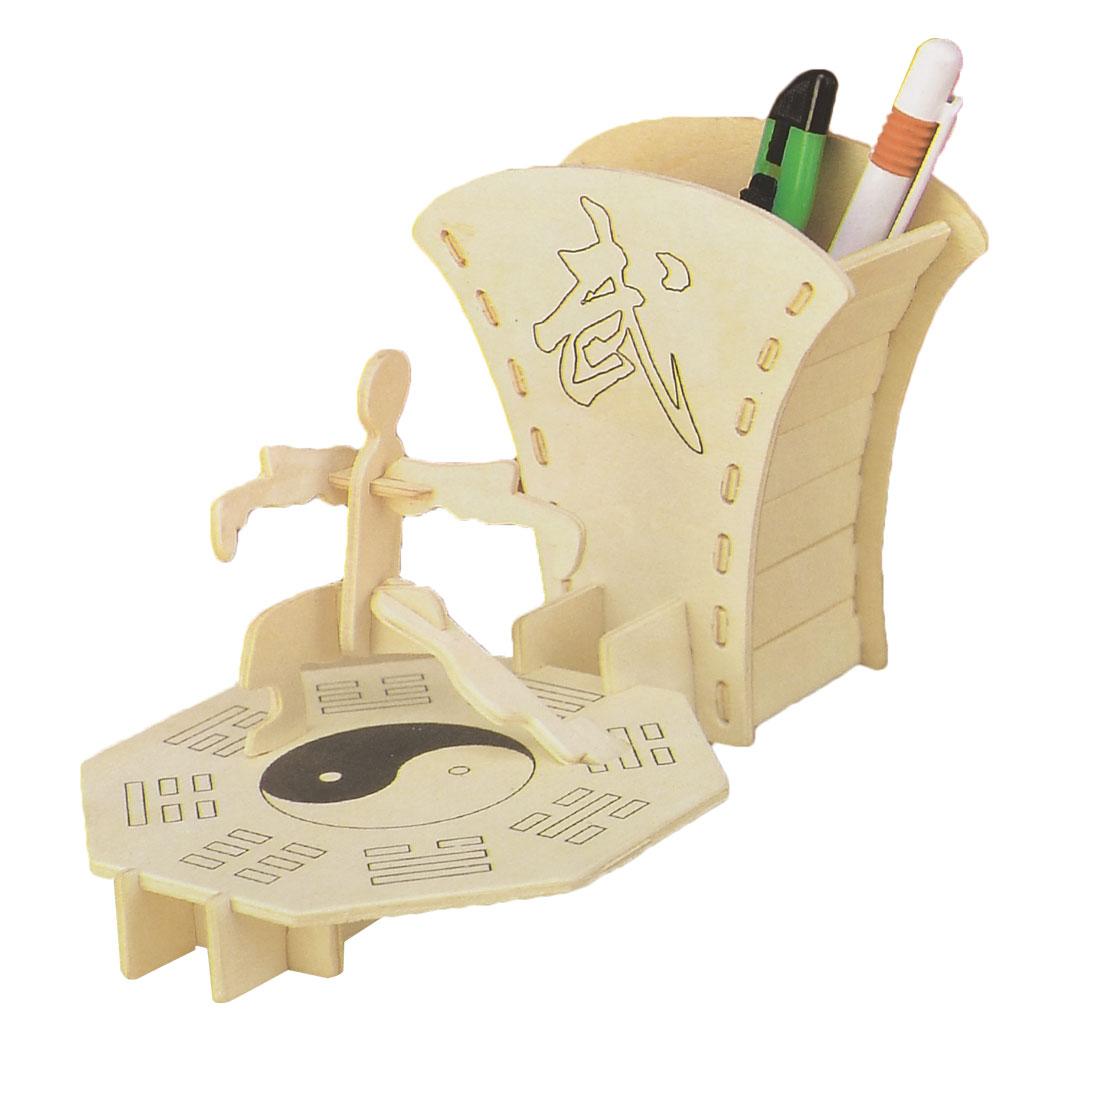 Kids 3D Wooden Martial Art Pen Holder Woodcraft Construction Kit